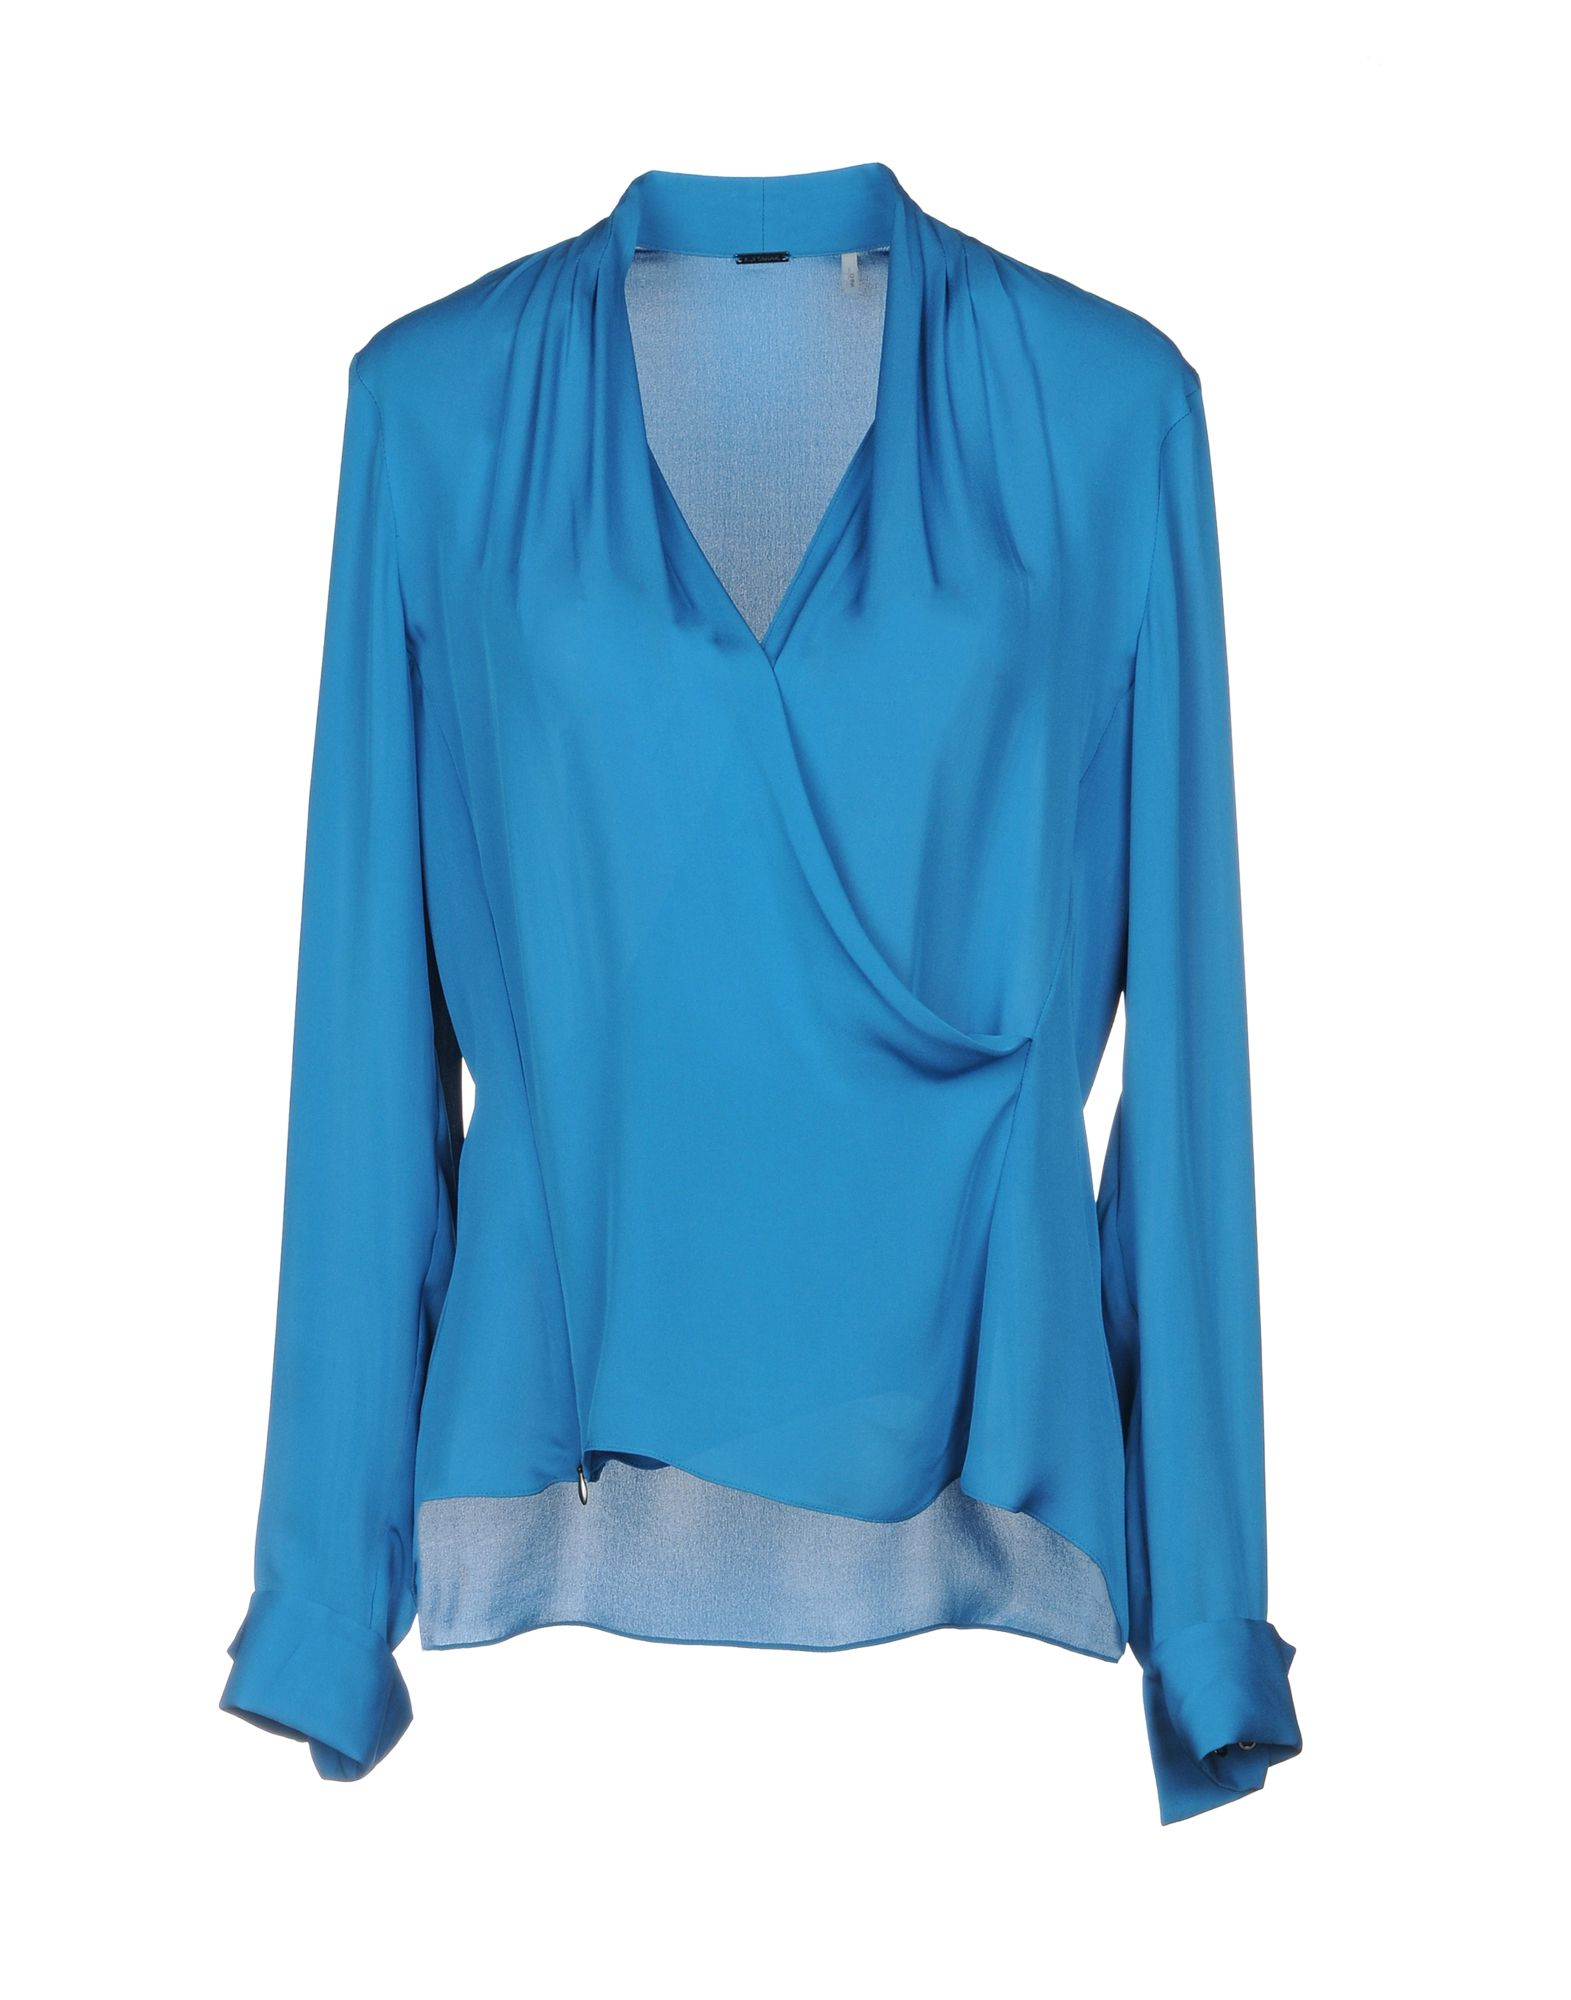 ELIE TAHARI Блузка блузка t tahari блузка